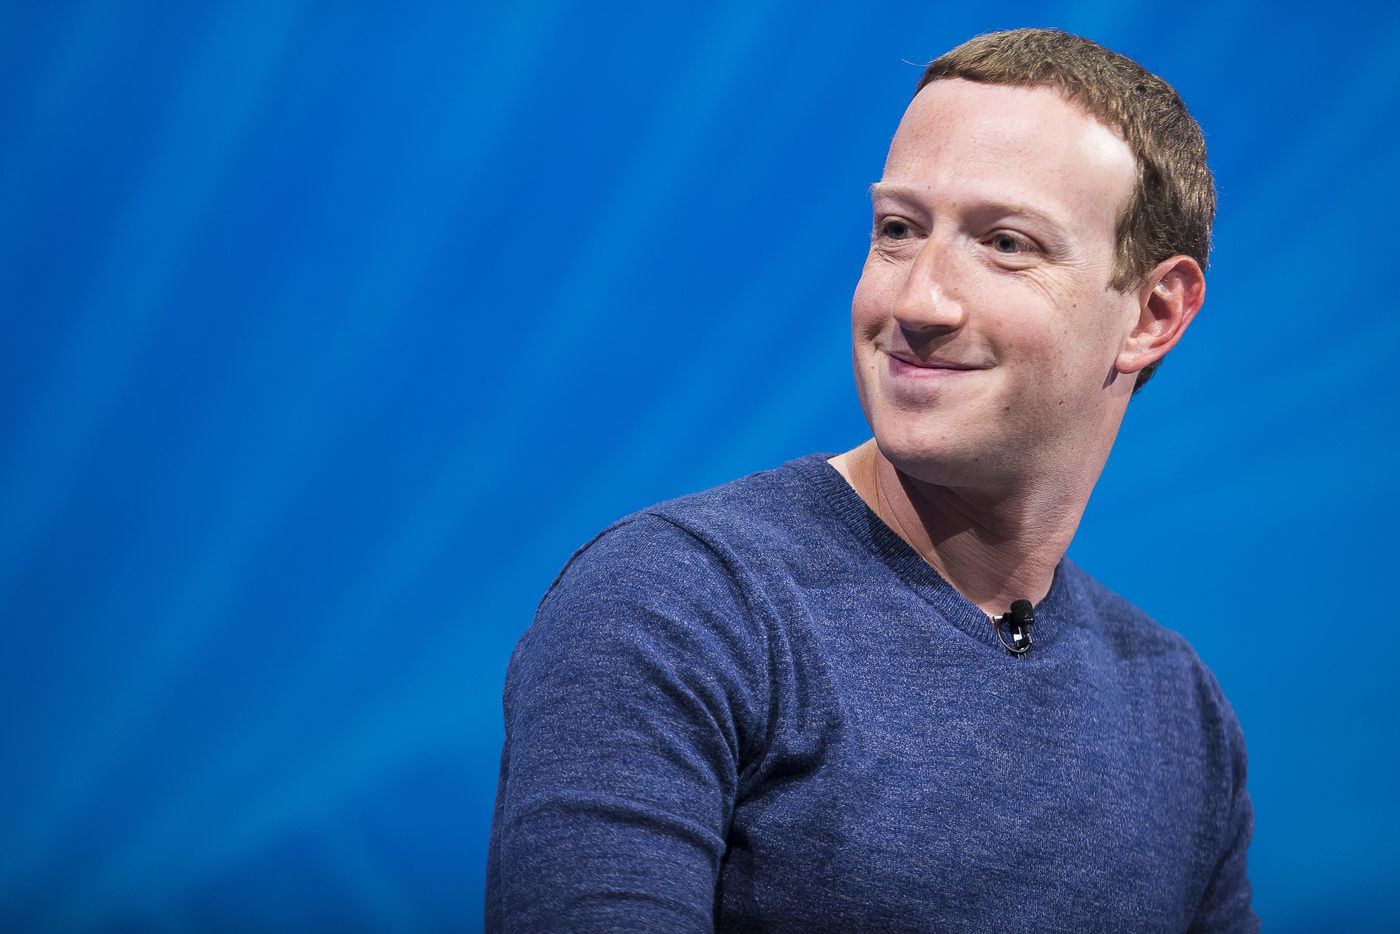 Nuovo progetto di Facebook: una pagina di notizie in collaborazione con i media